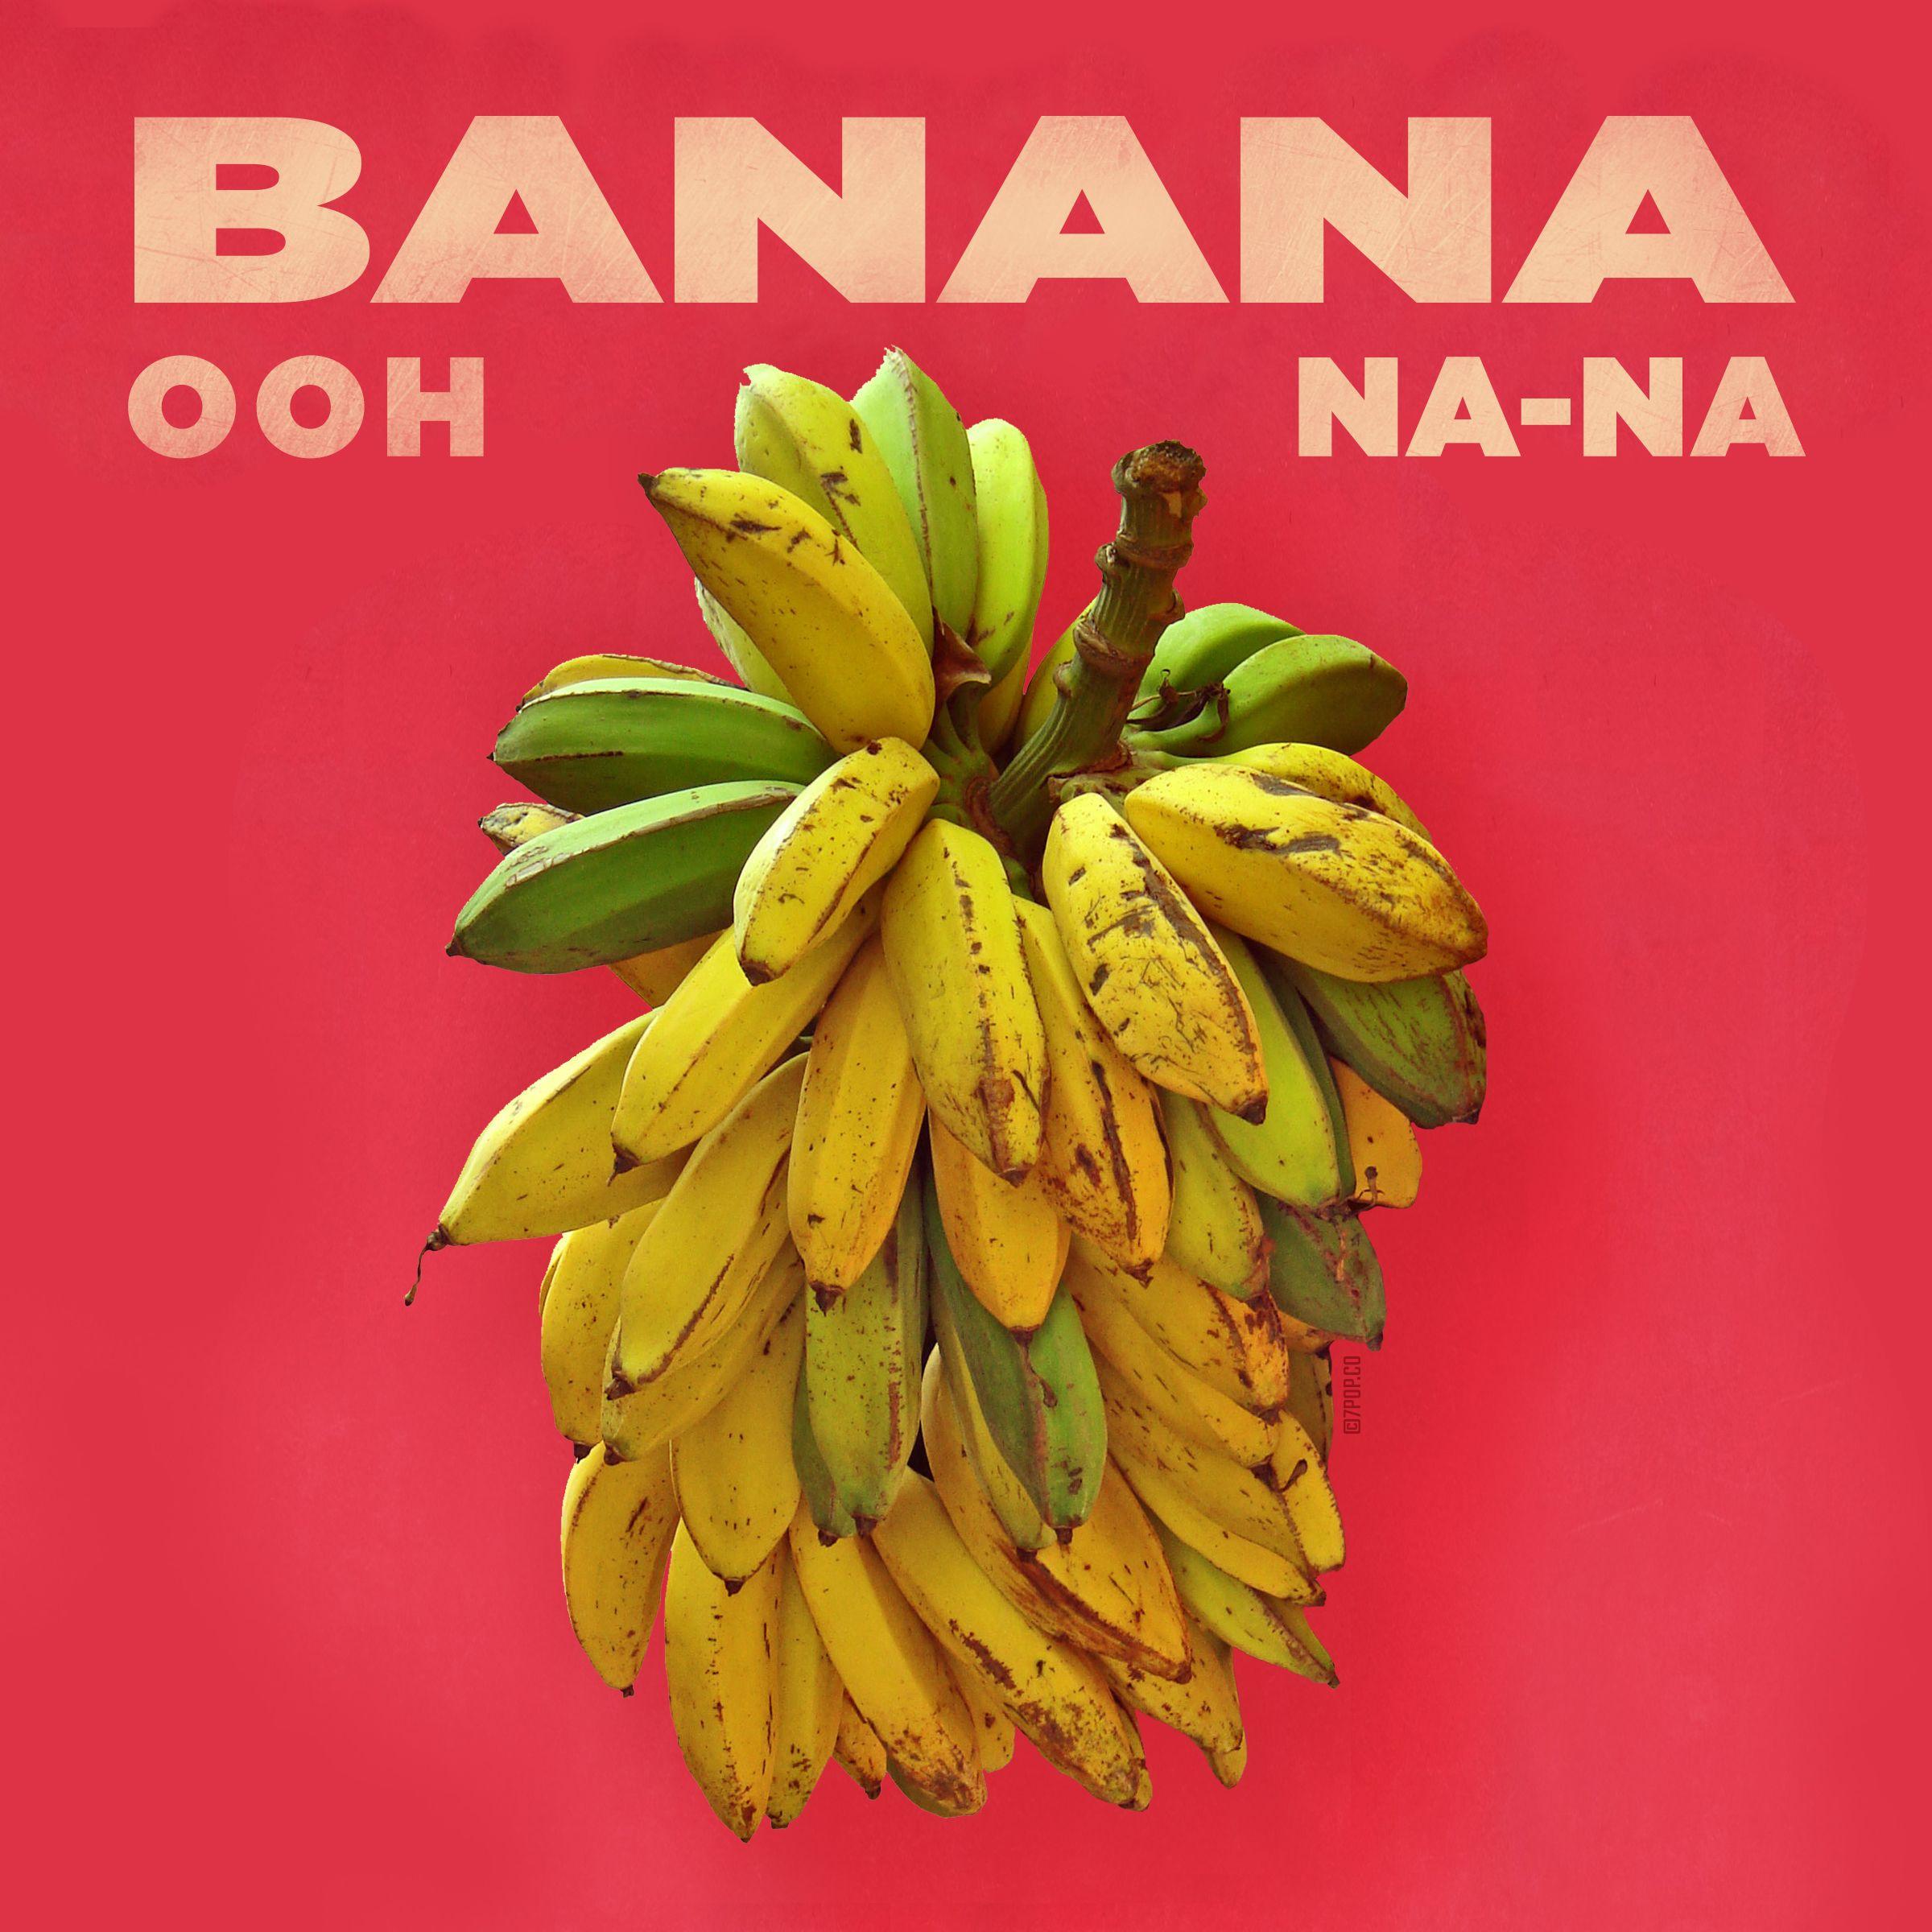 ♫He took me back to eat Banana, na-na-na Oh, now my cart is